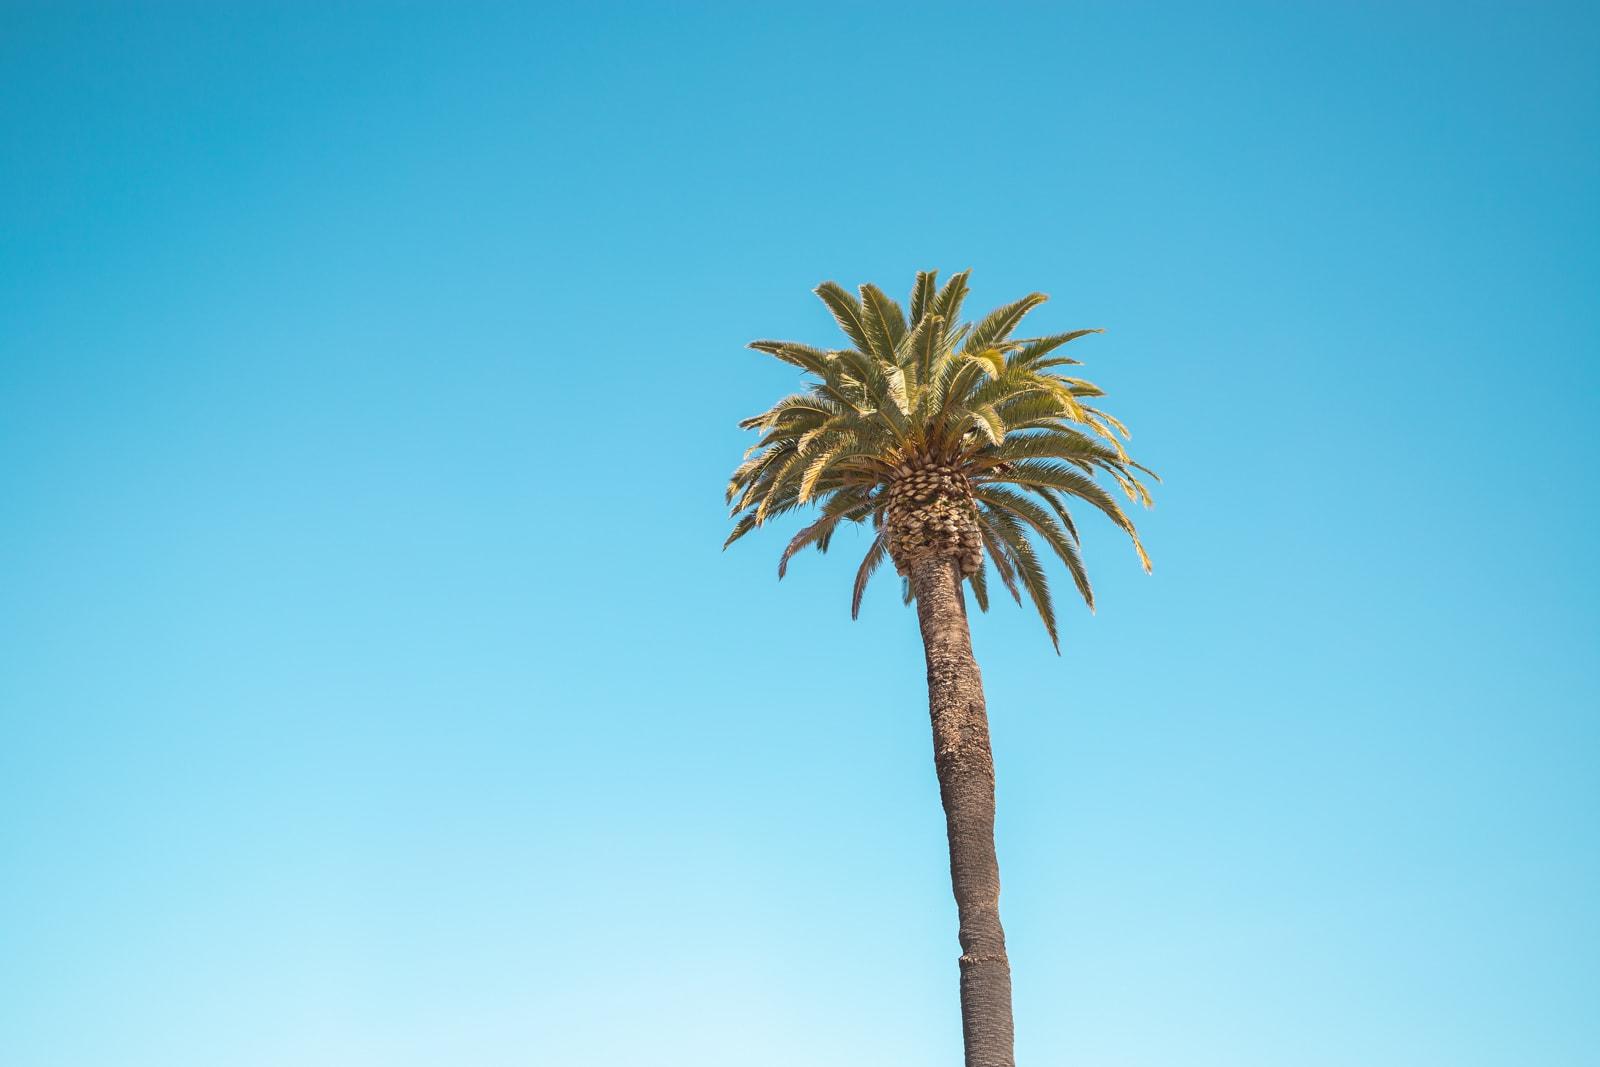 A palm tree at Ocean Beach